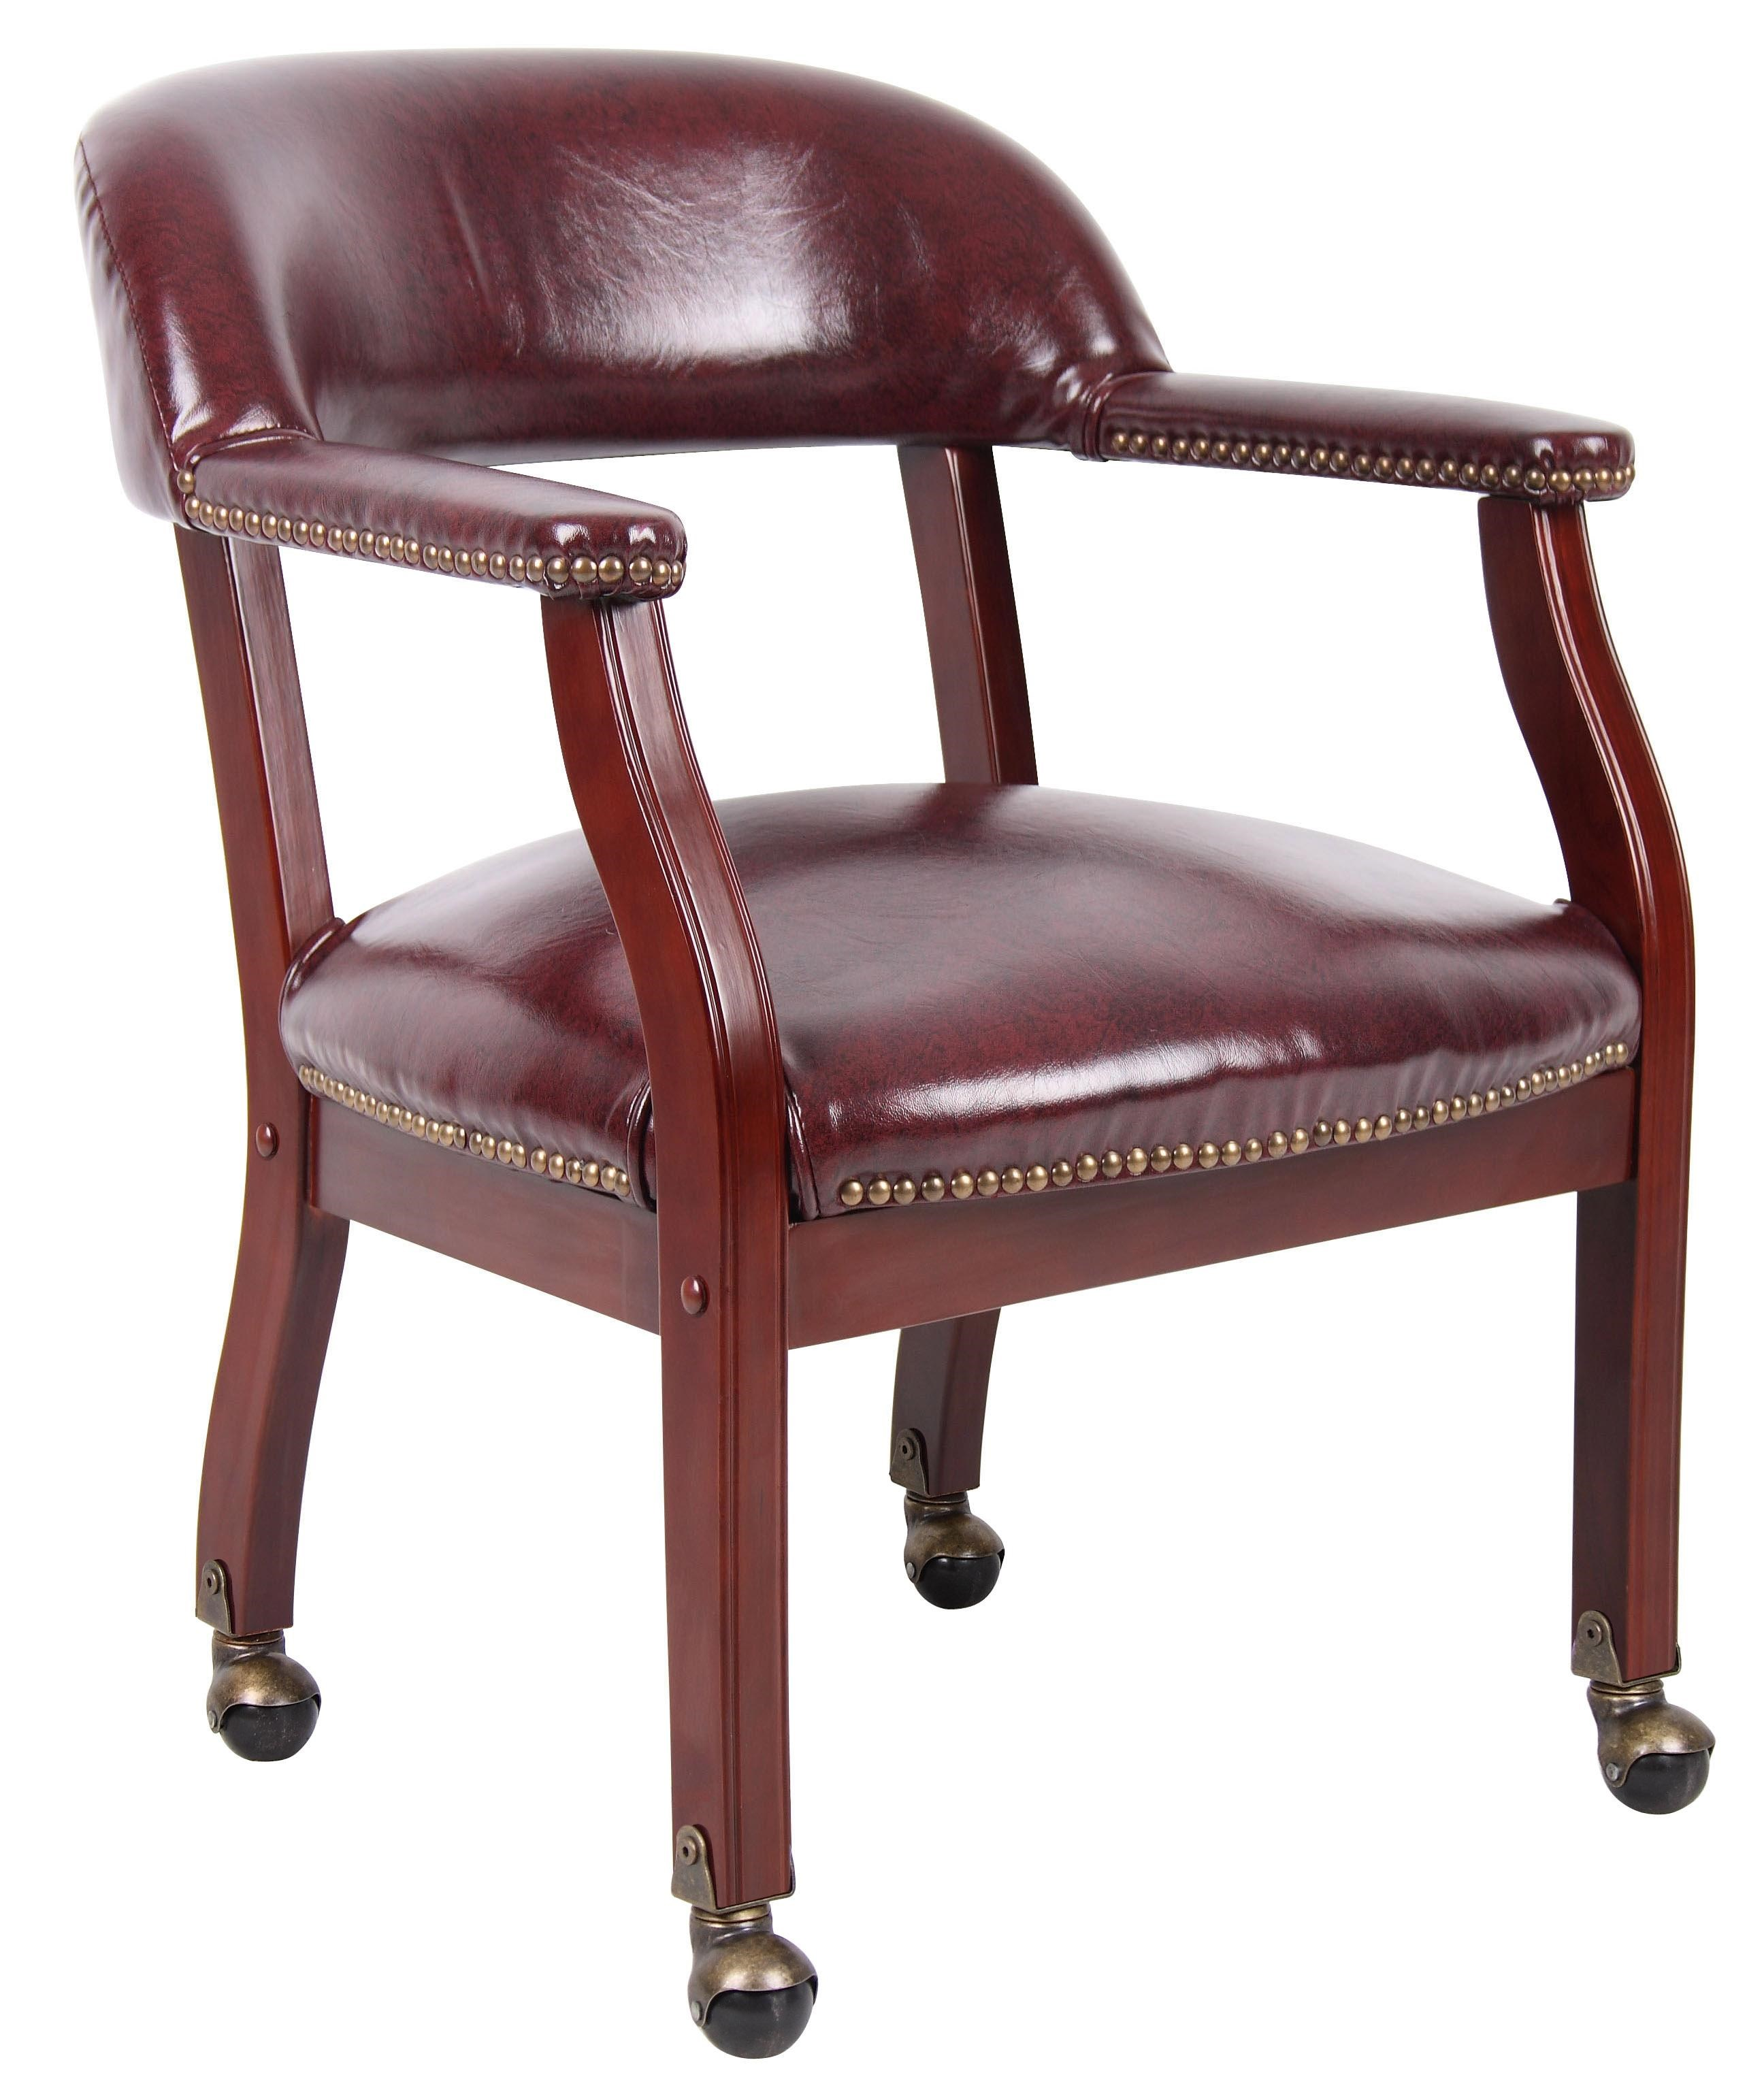 Superbe Westrich Furniture U0026 Appliances